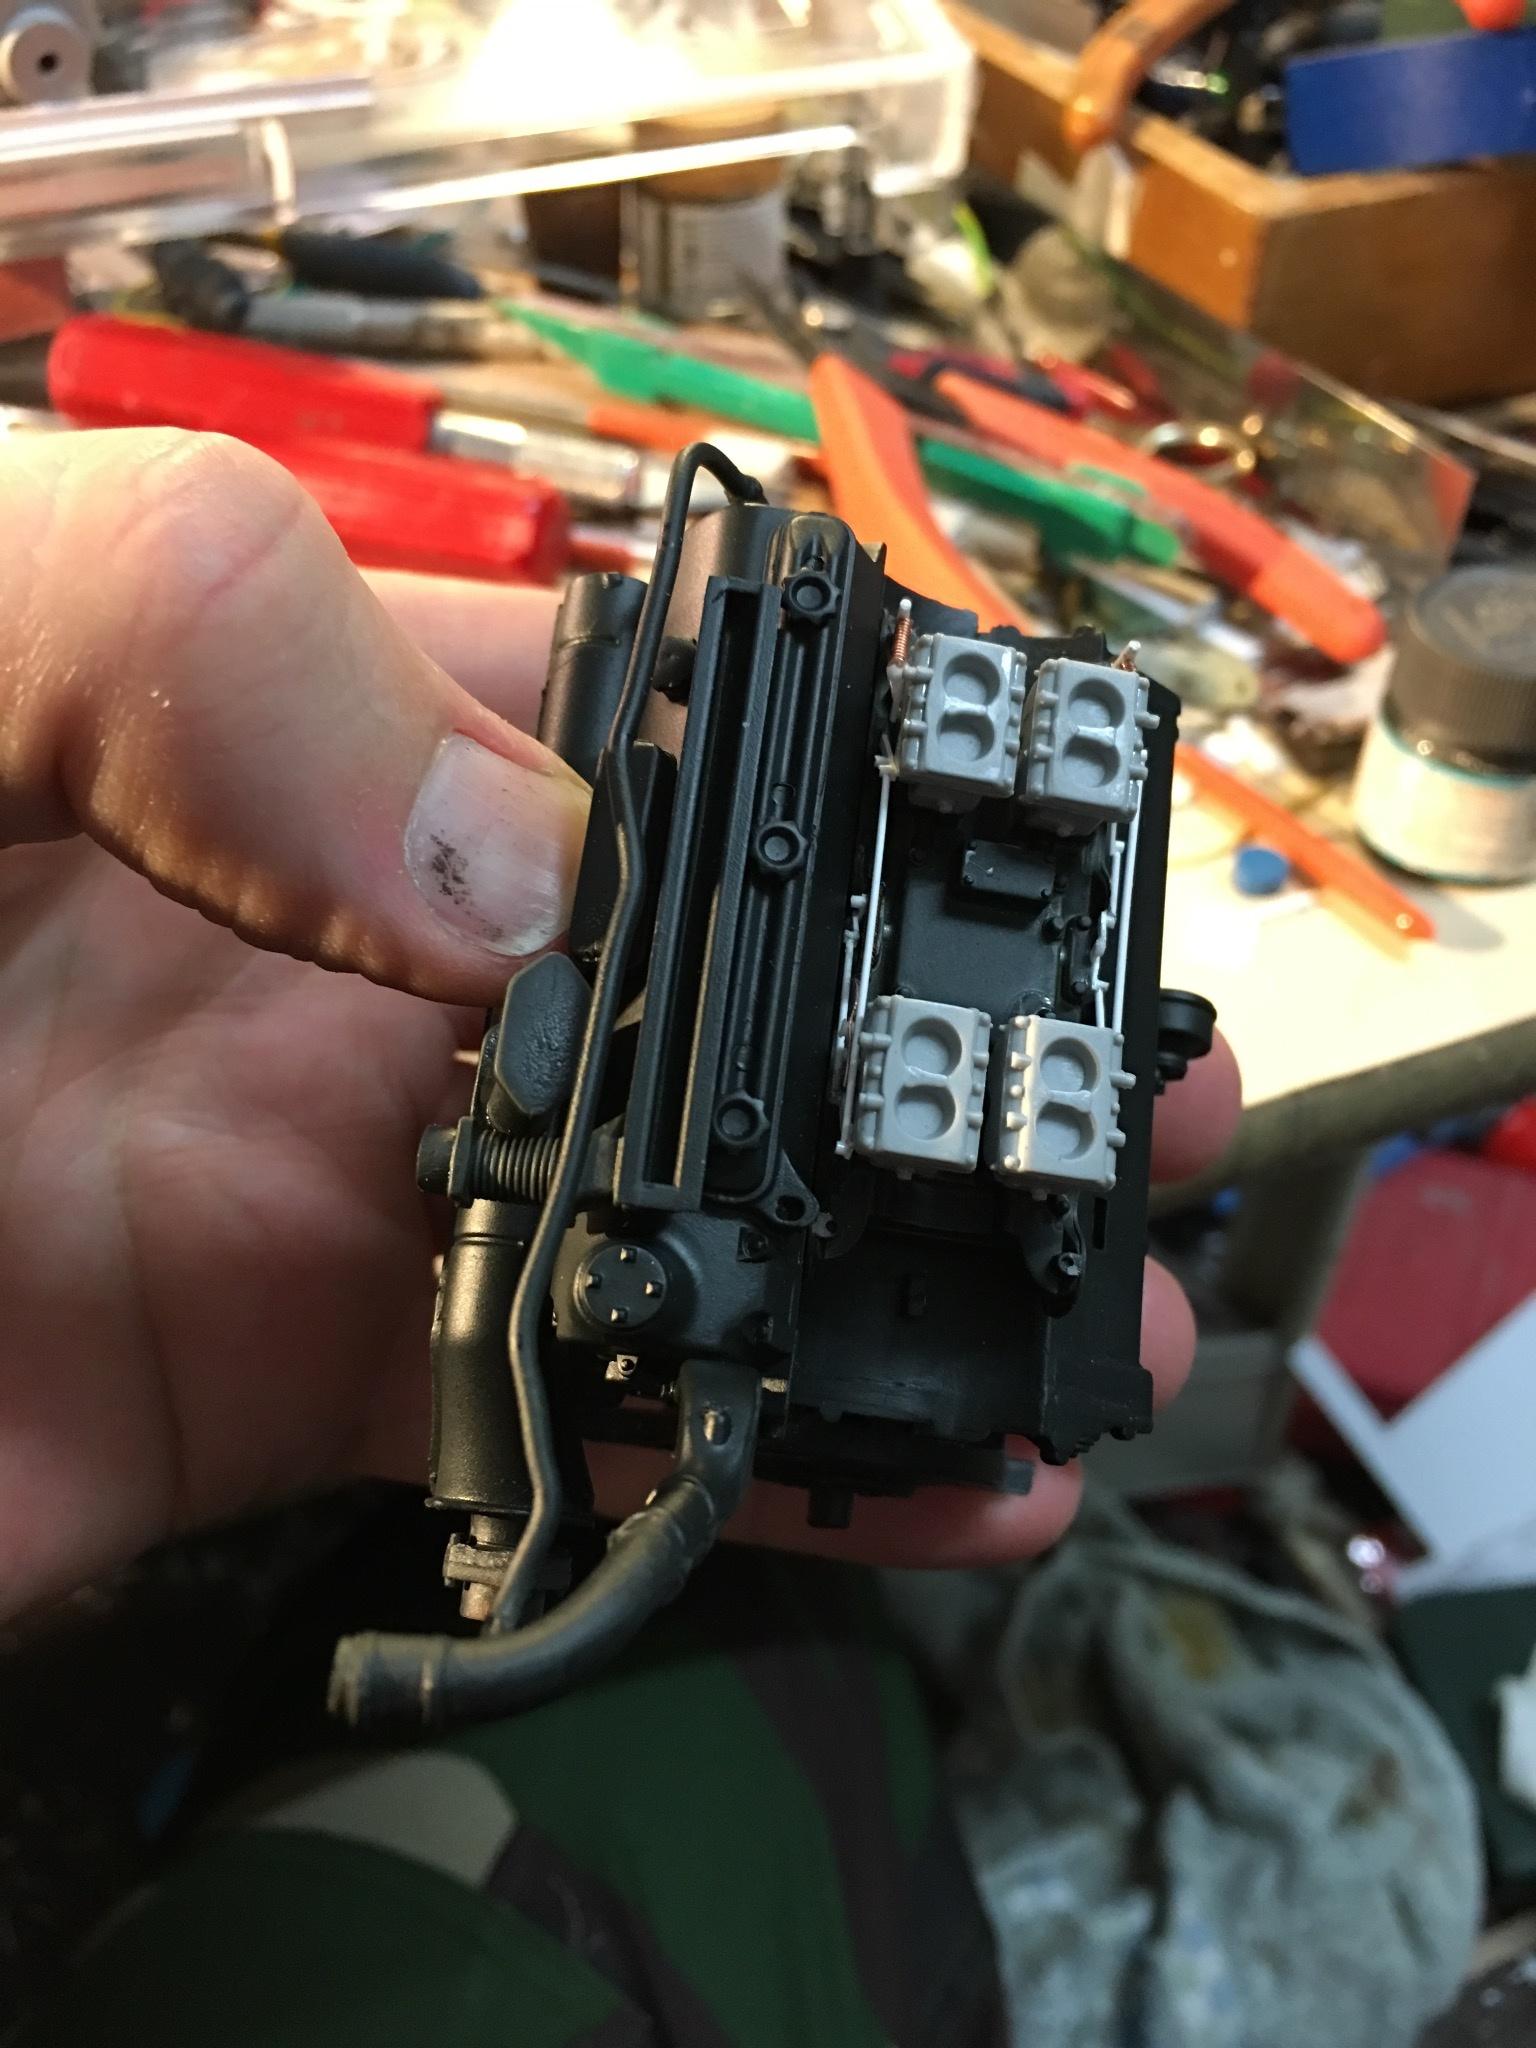 57242DB1-DE9A-4B01-A4EC-DB22EF806AE5.jpeg